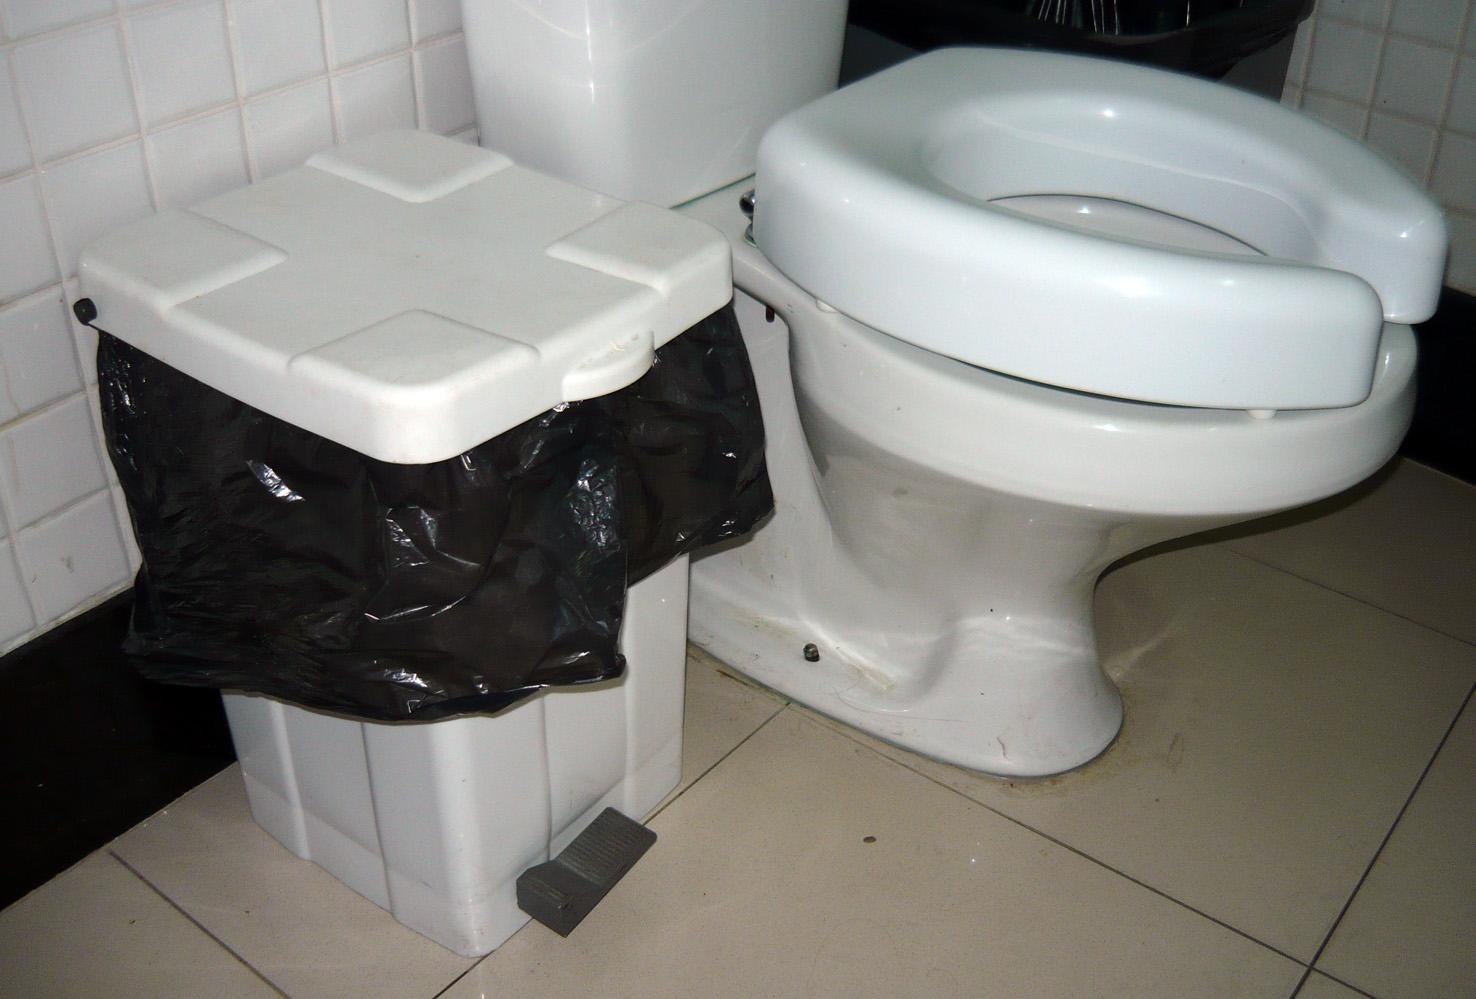 Pin Banheiro De Deficiente 2 on Pinterest #585244 1476 999